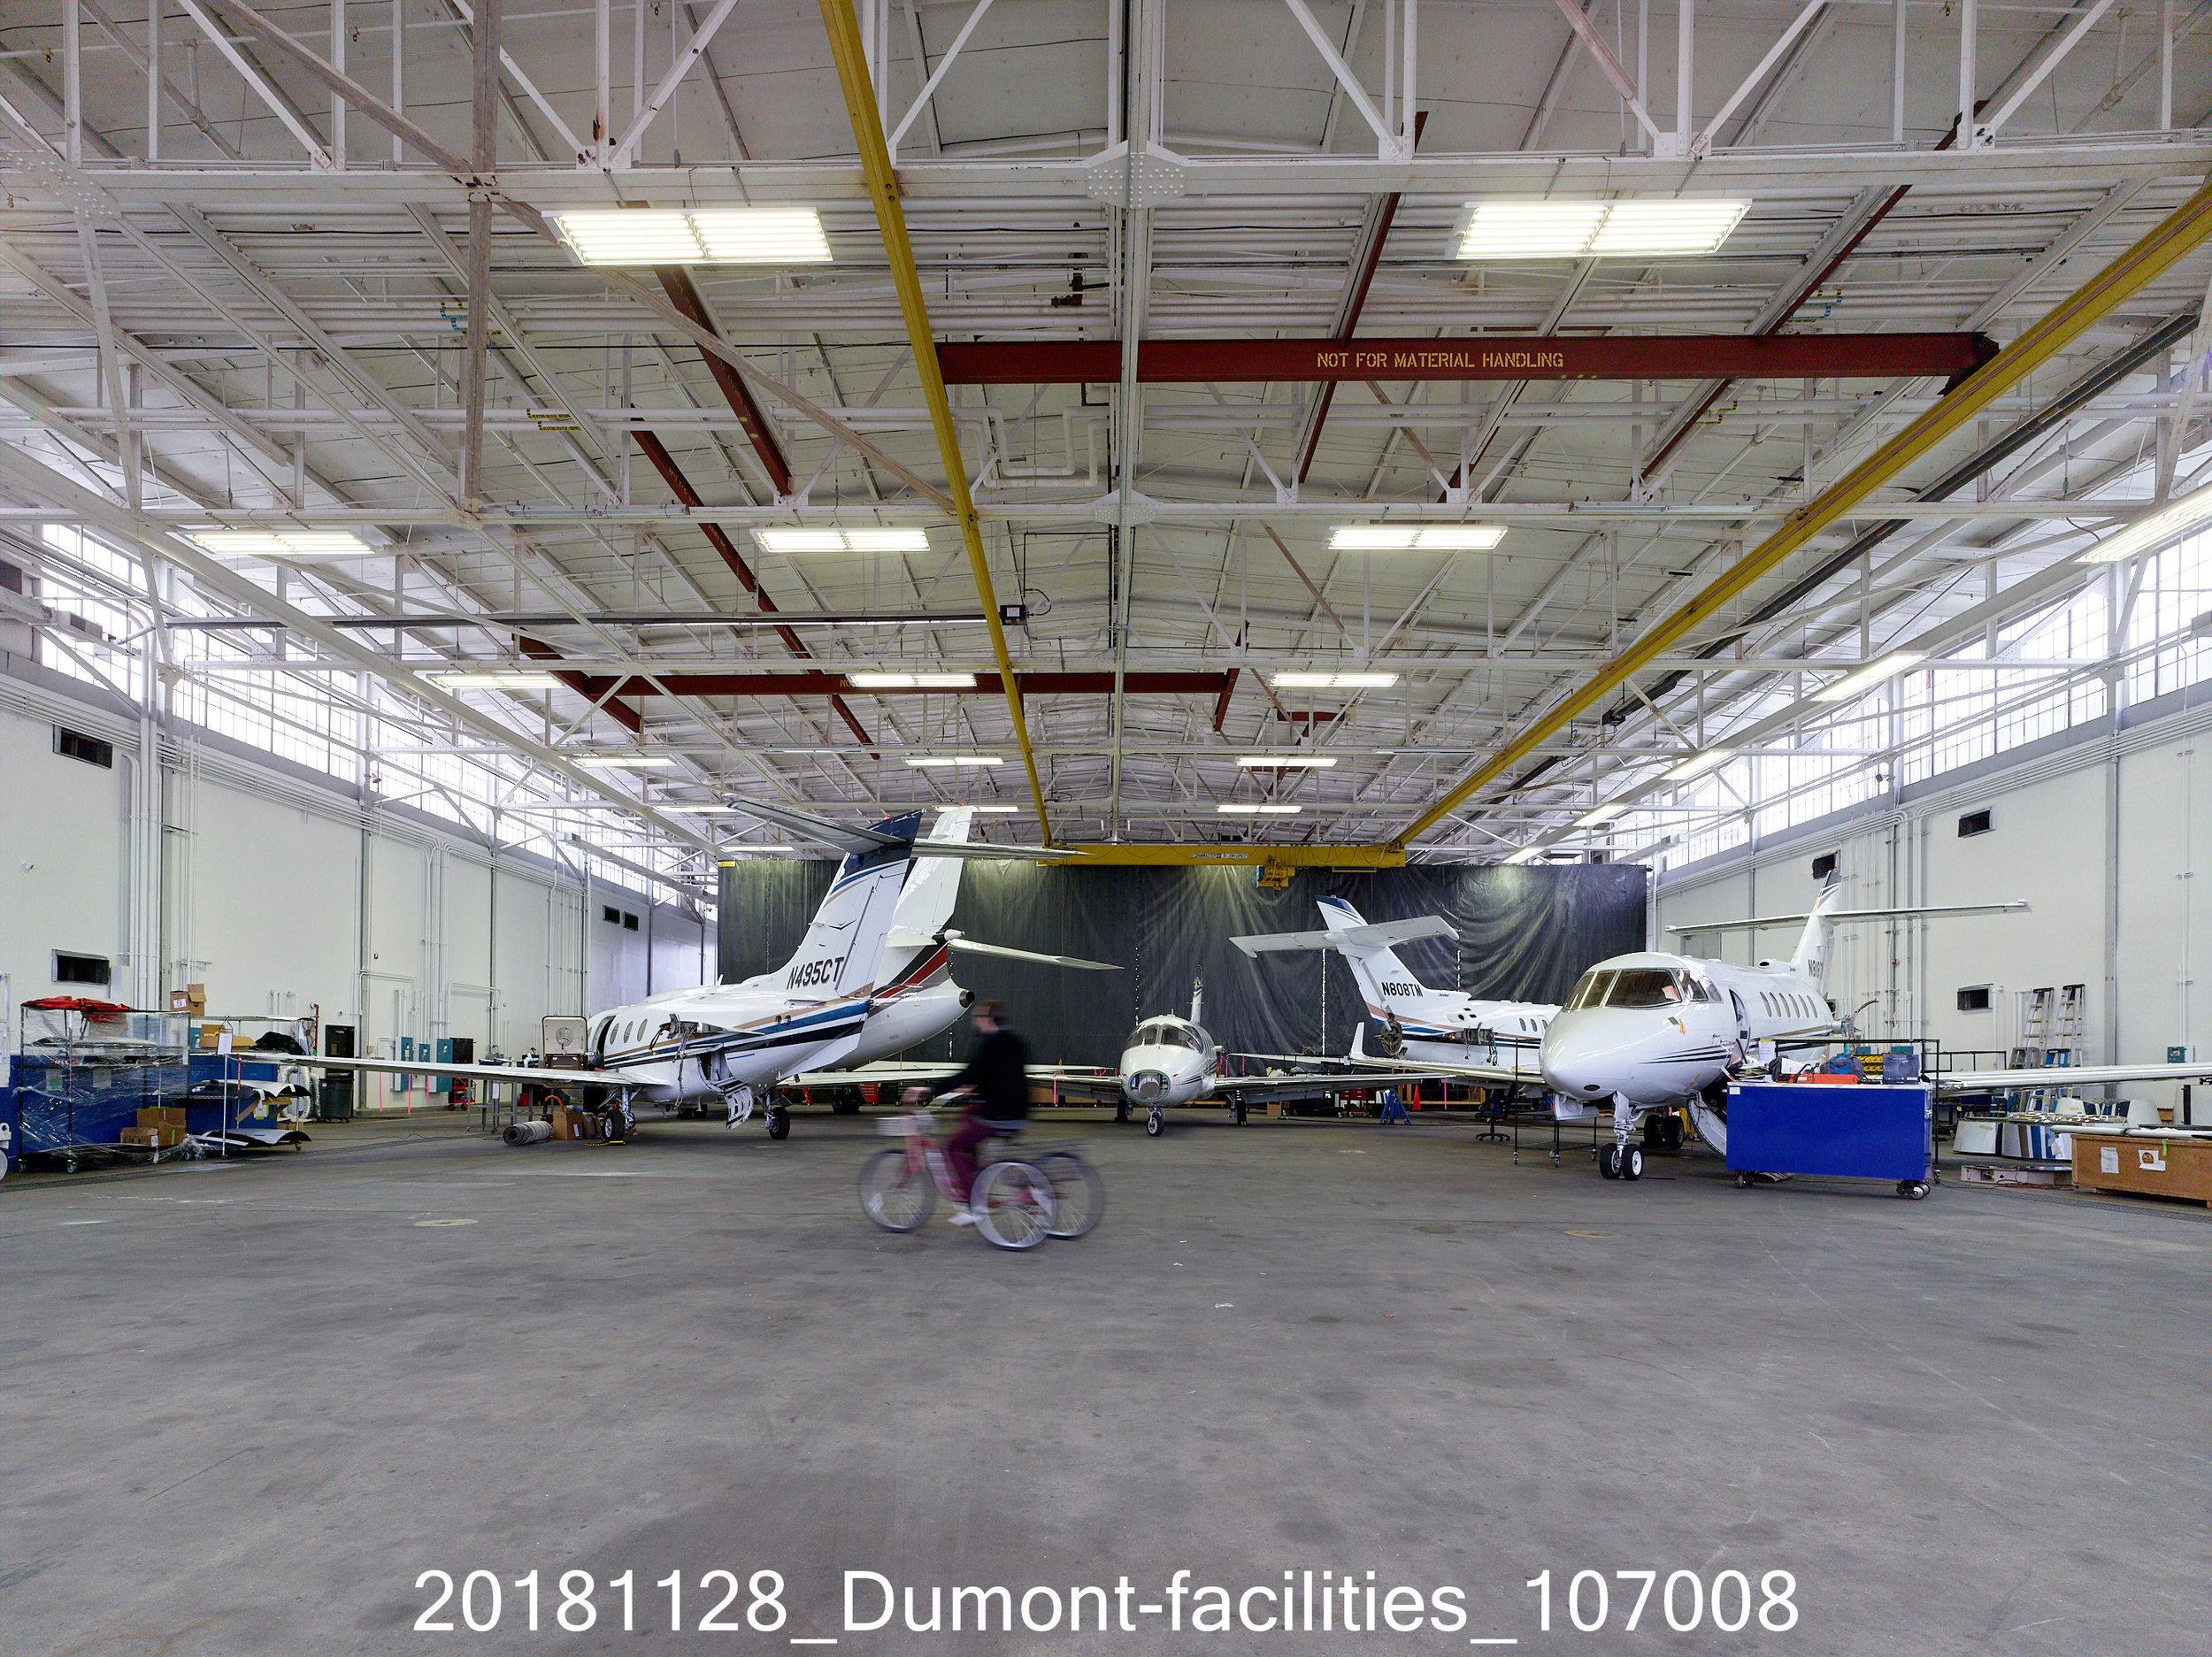 20181128_Dumont-facilities_107008.jpg